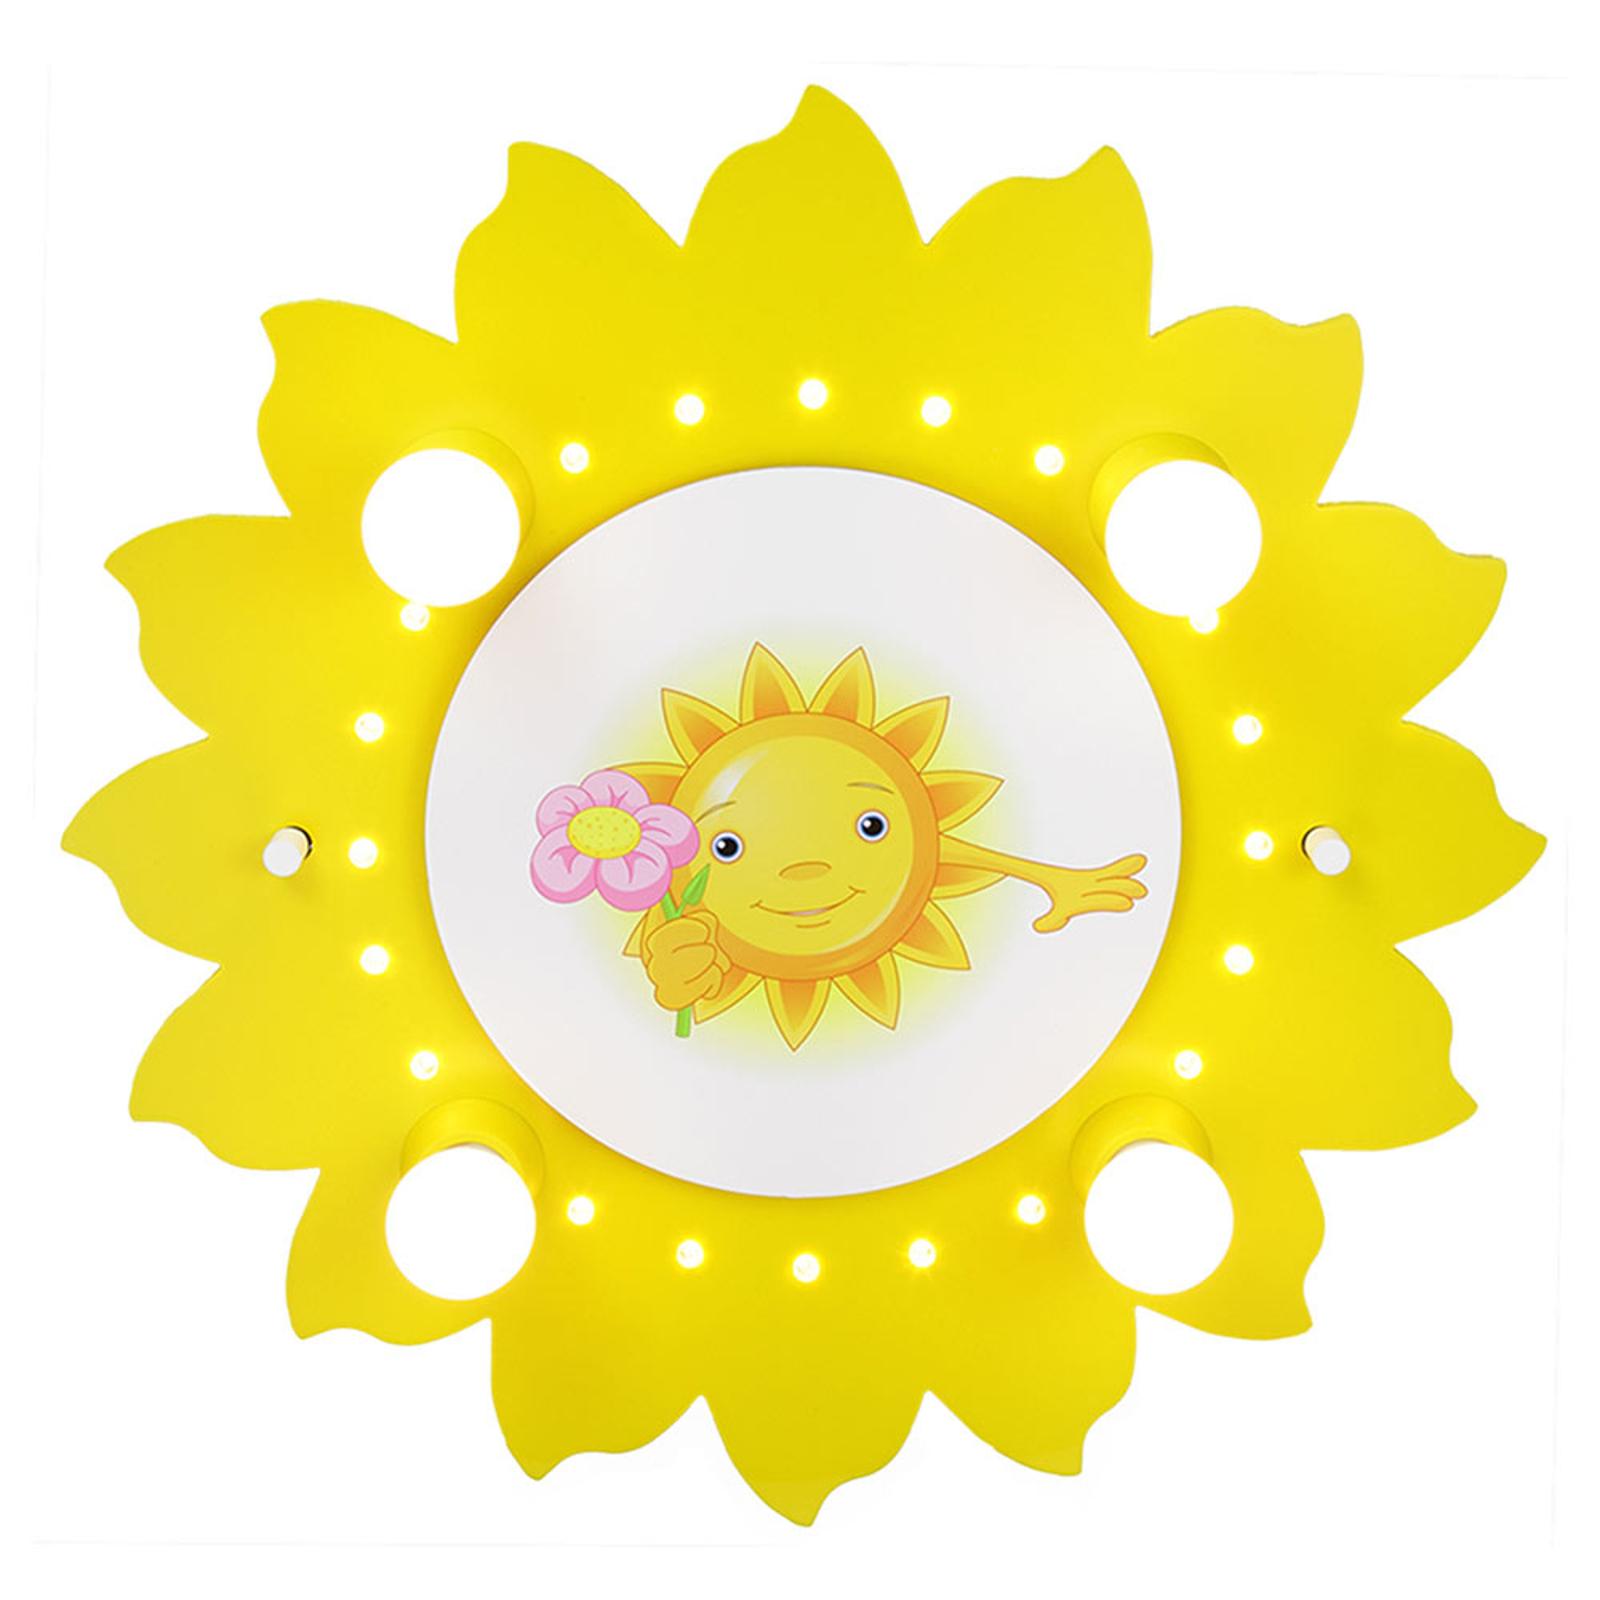 Plafondlamp Zon met bloem, 4-lamps, geel